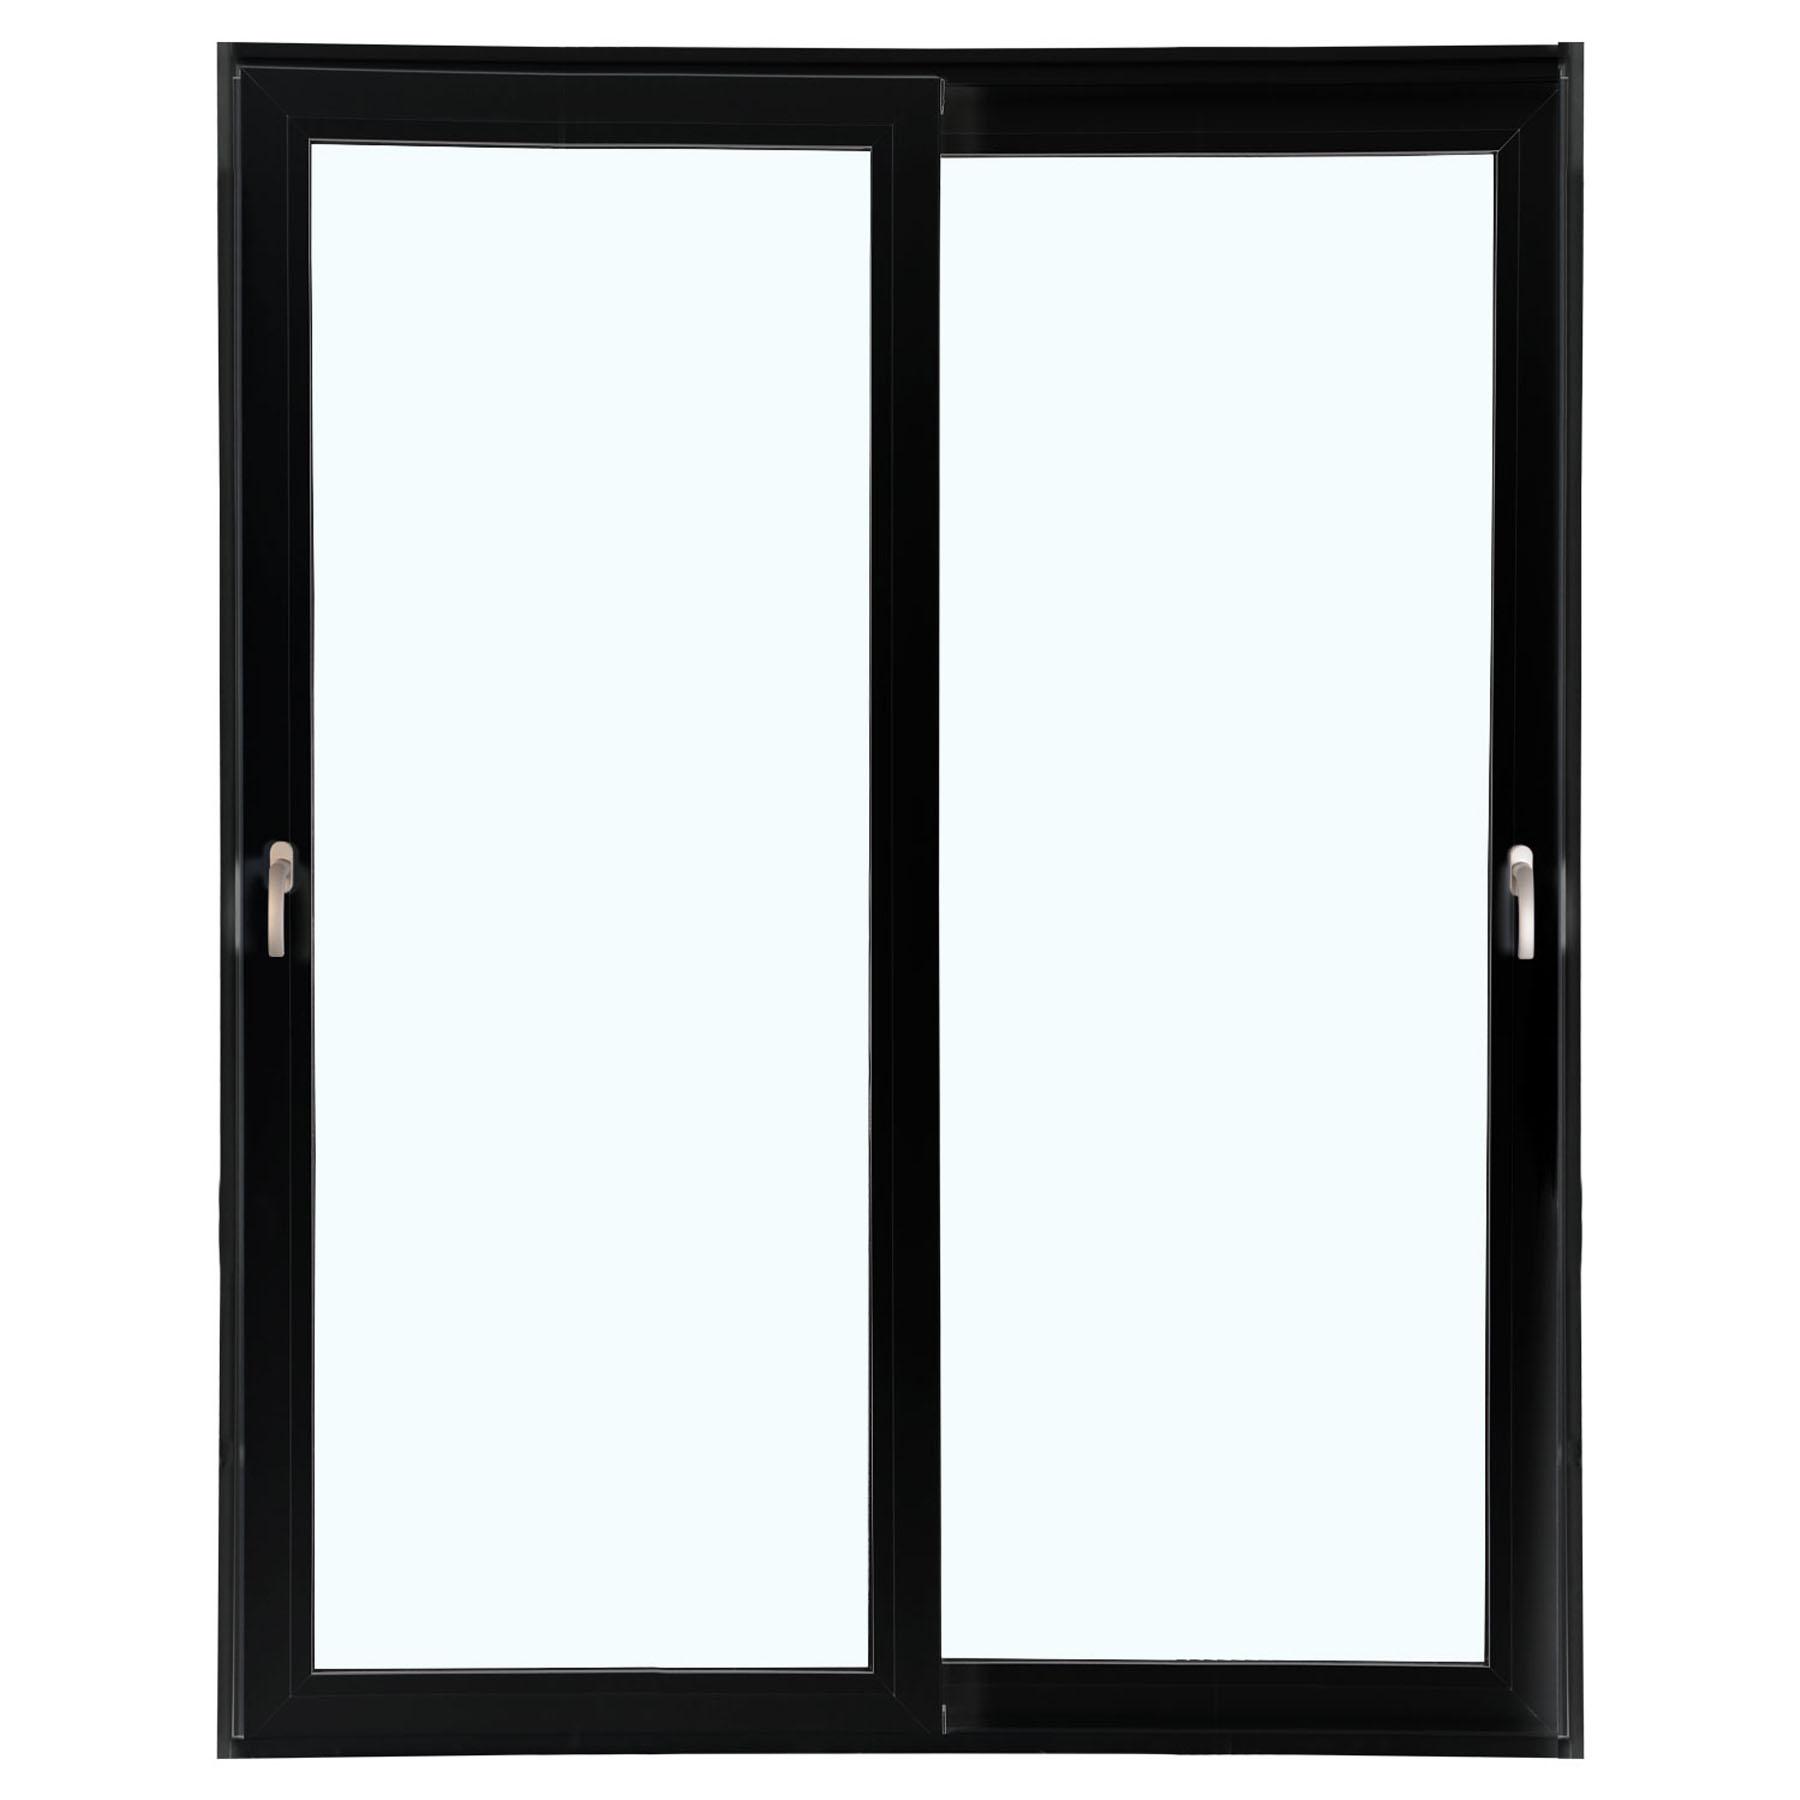 Porta 2 folhas de Correr cor Preta com Vidro Sem Travessa com Fecho Multiponto - 150x215 - Veneza